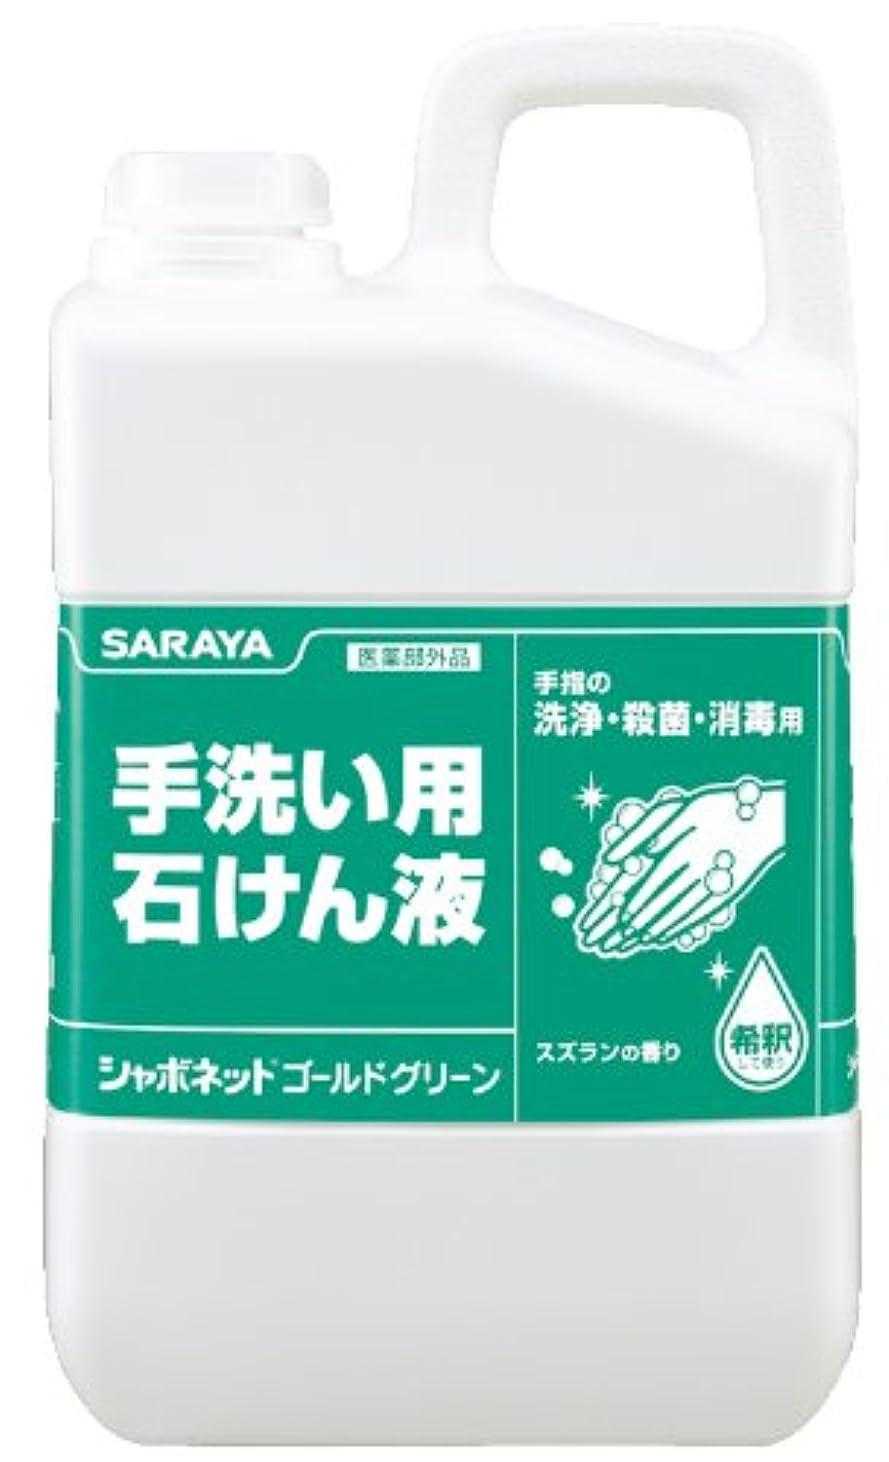 血清めるびっくりするシャボネット ゴールドグリーン 業務用 3kg 医薬部外品